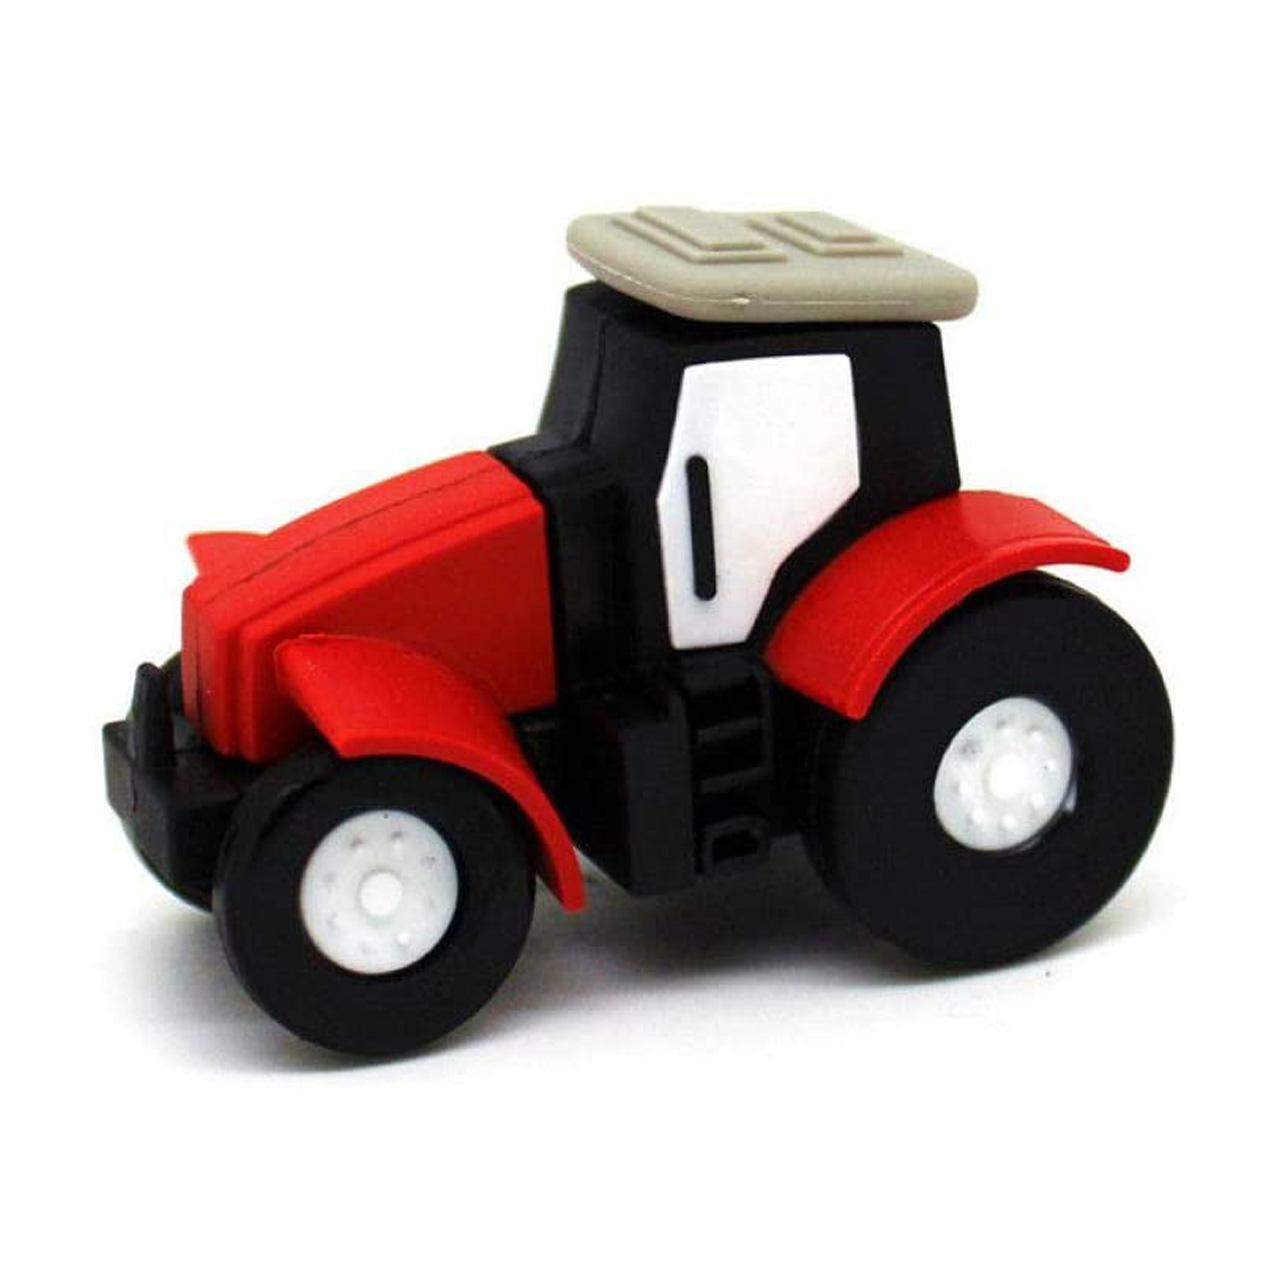 بررسی و {خرید با تخفیف} فلش مموری طرح تراکتور مدل UL-Tractor ظرفیت 8 گیگابایت اصل